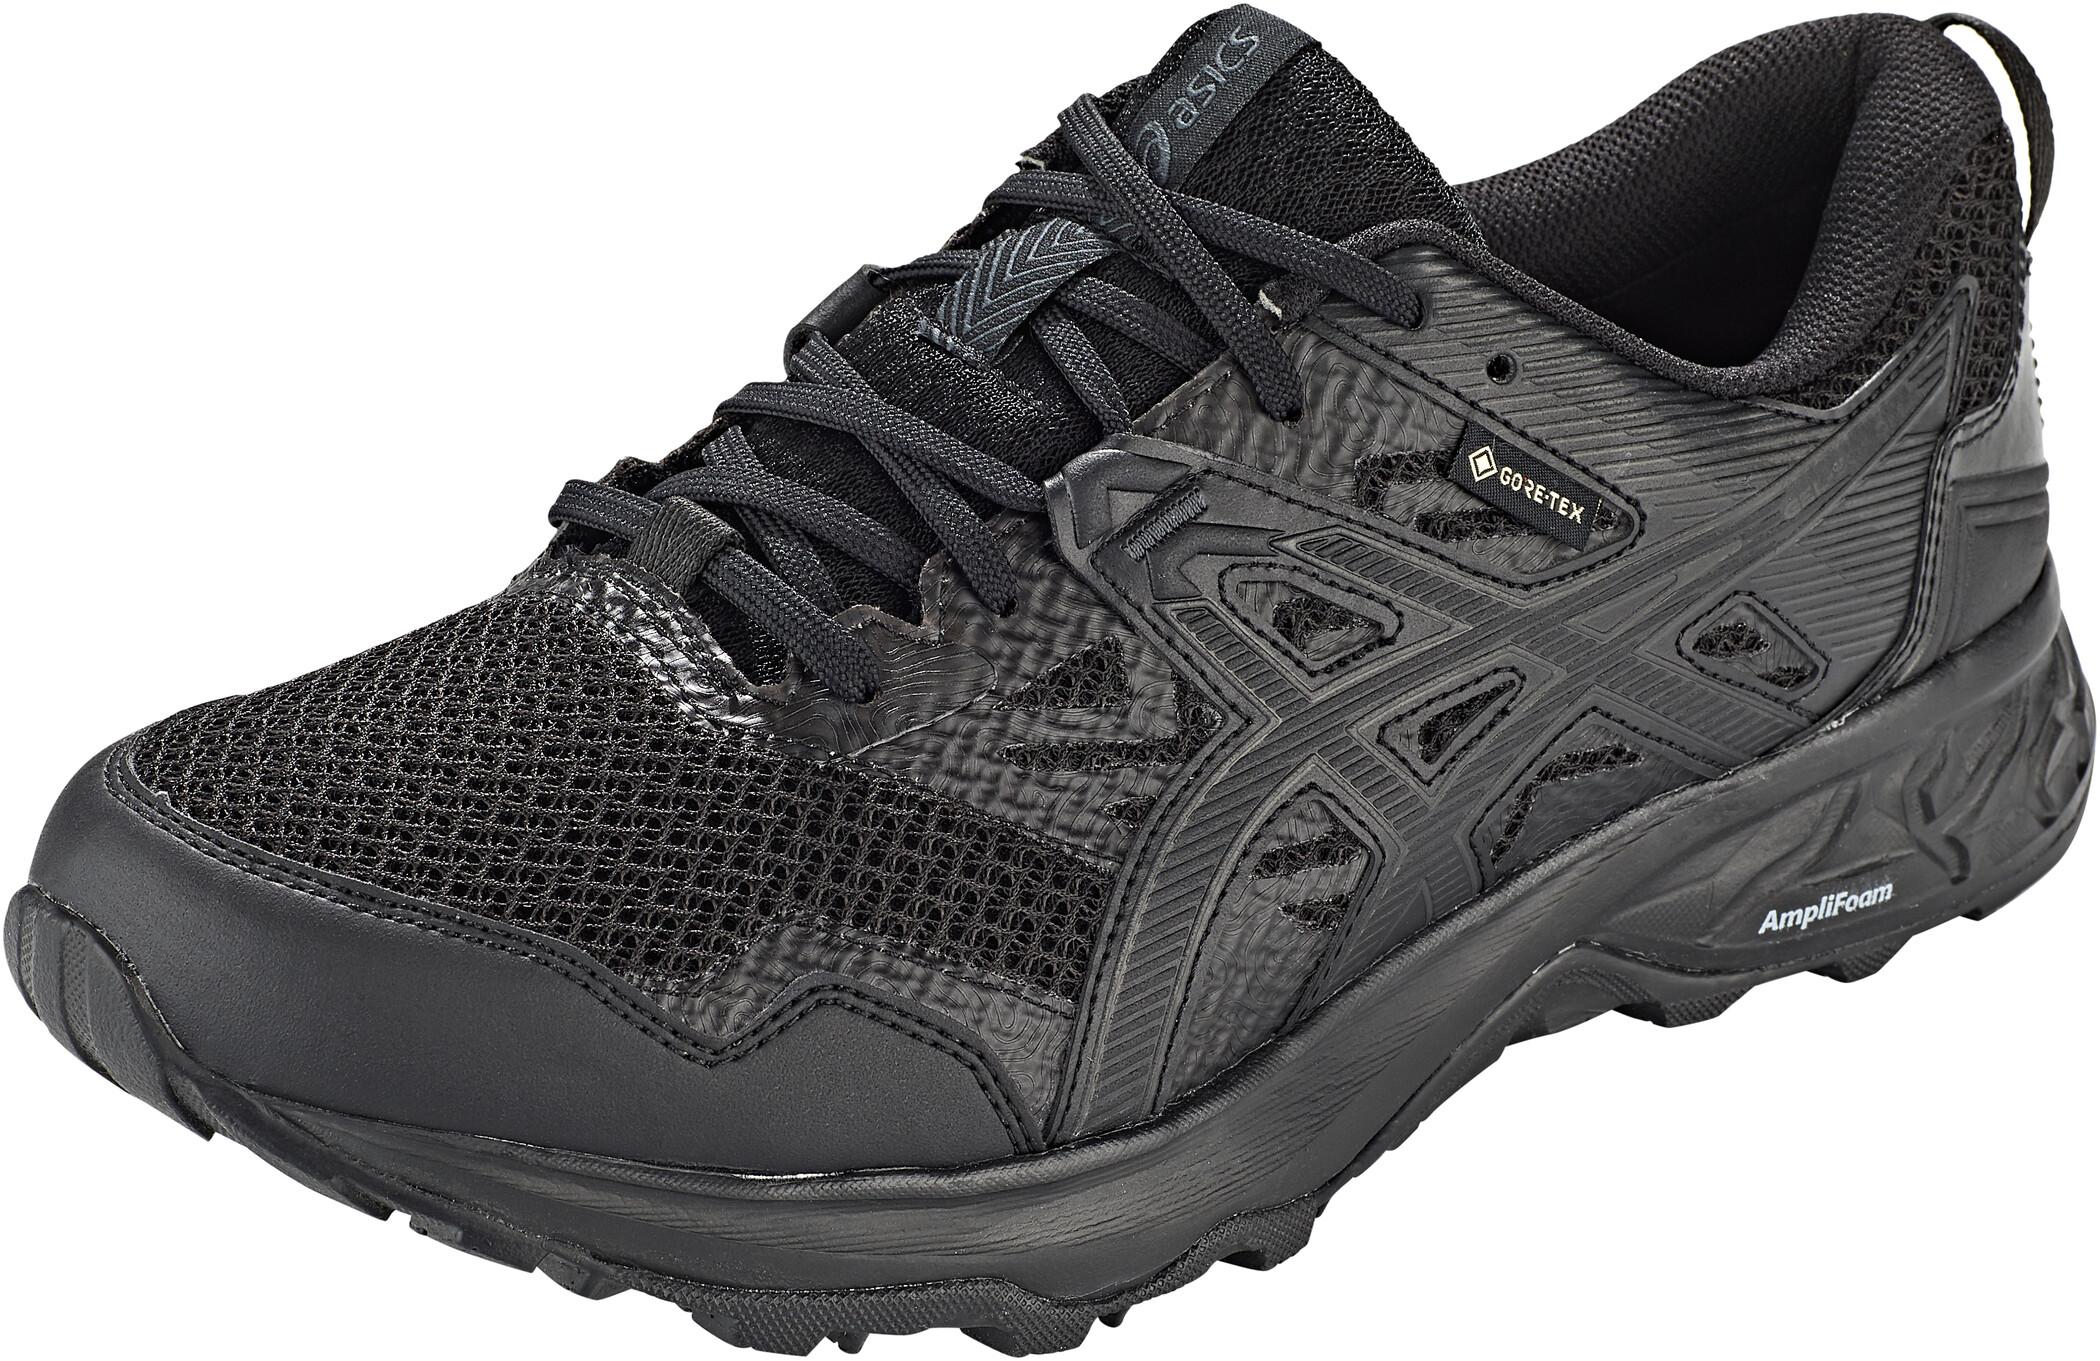 asics Gel Sonoma 5 G TX Schuhe Herren blackblack